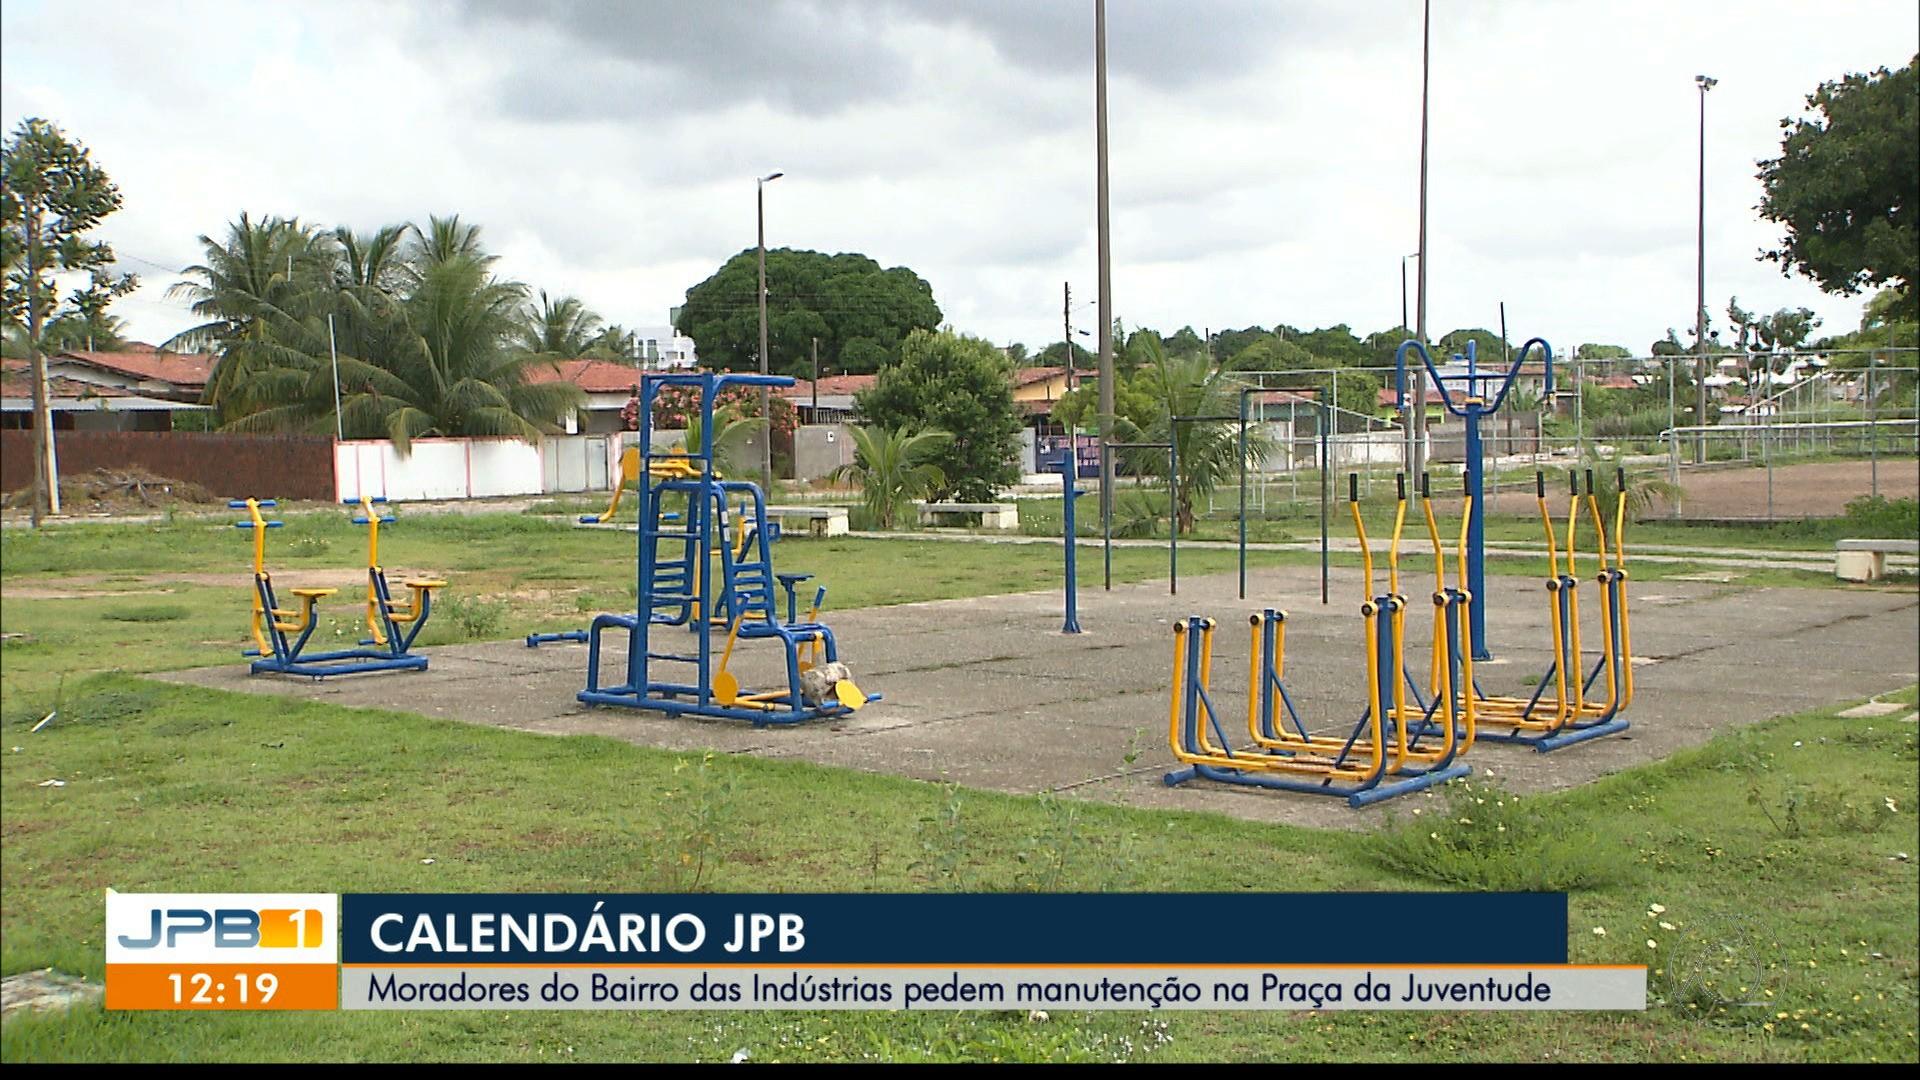 VÍDEOS: JPB1 (TV Cabo Branco) desta quinta-feira, 25 de abril